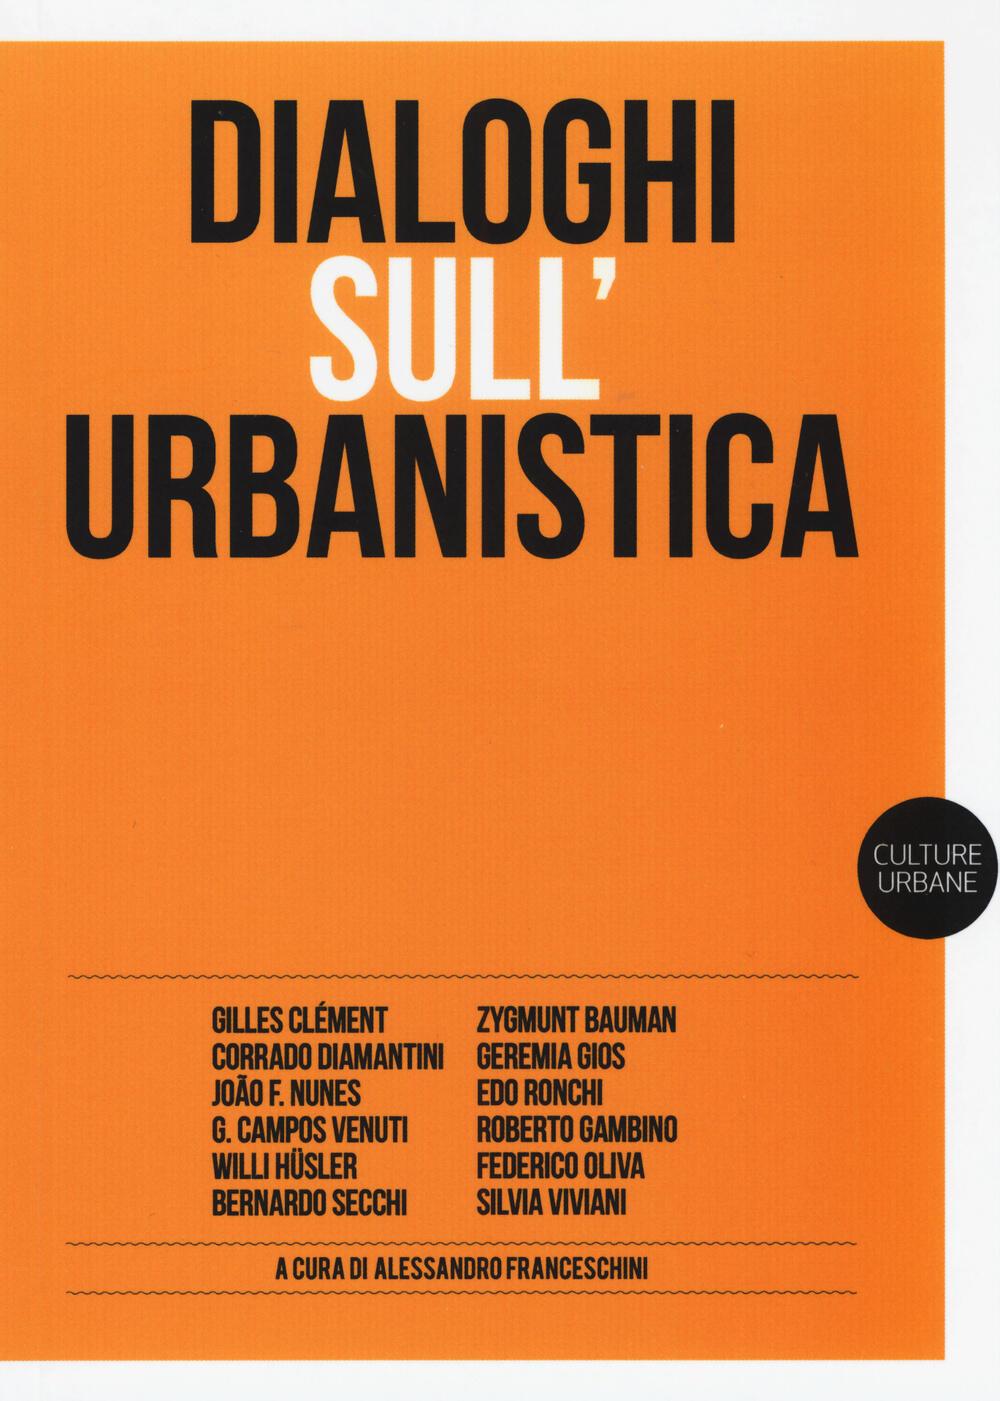 Dialoghi sull 39 urbanistica a franceschini libro list for Libri sull architettura